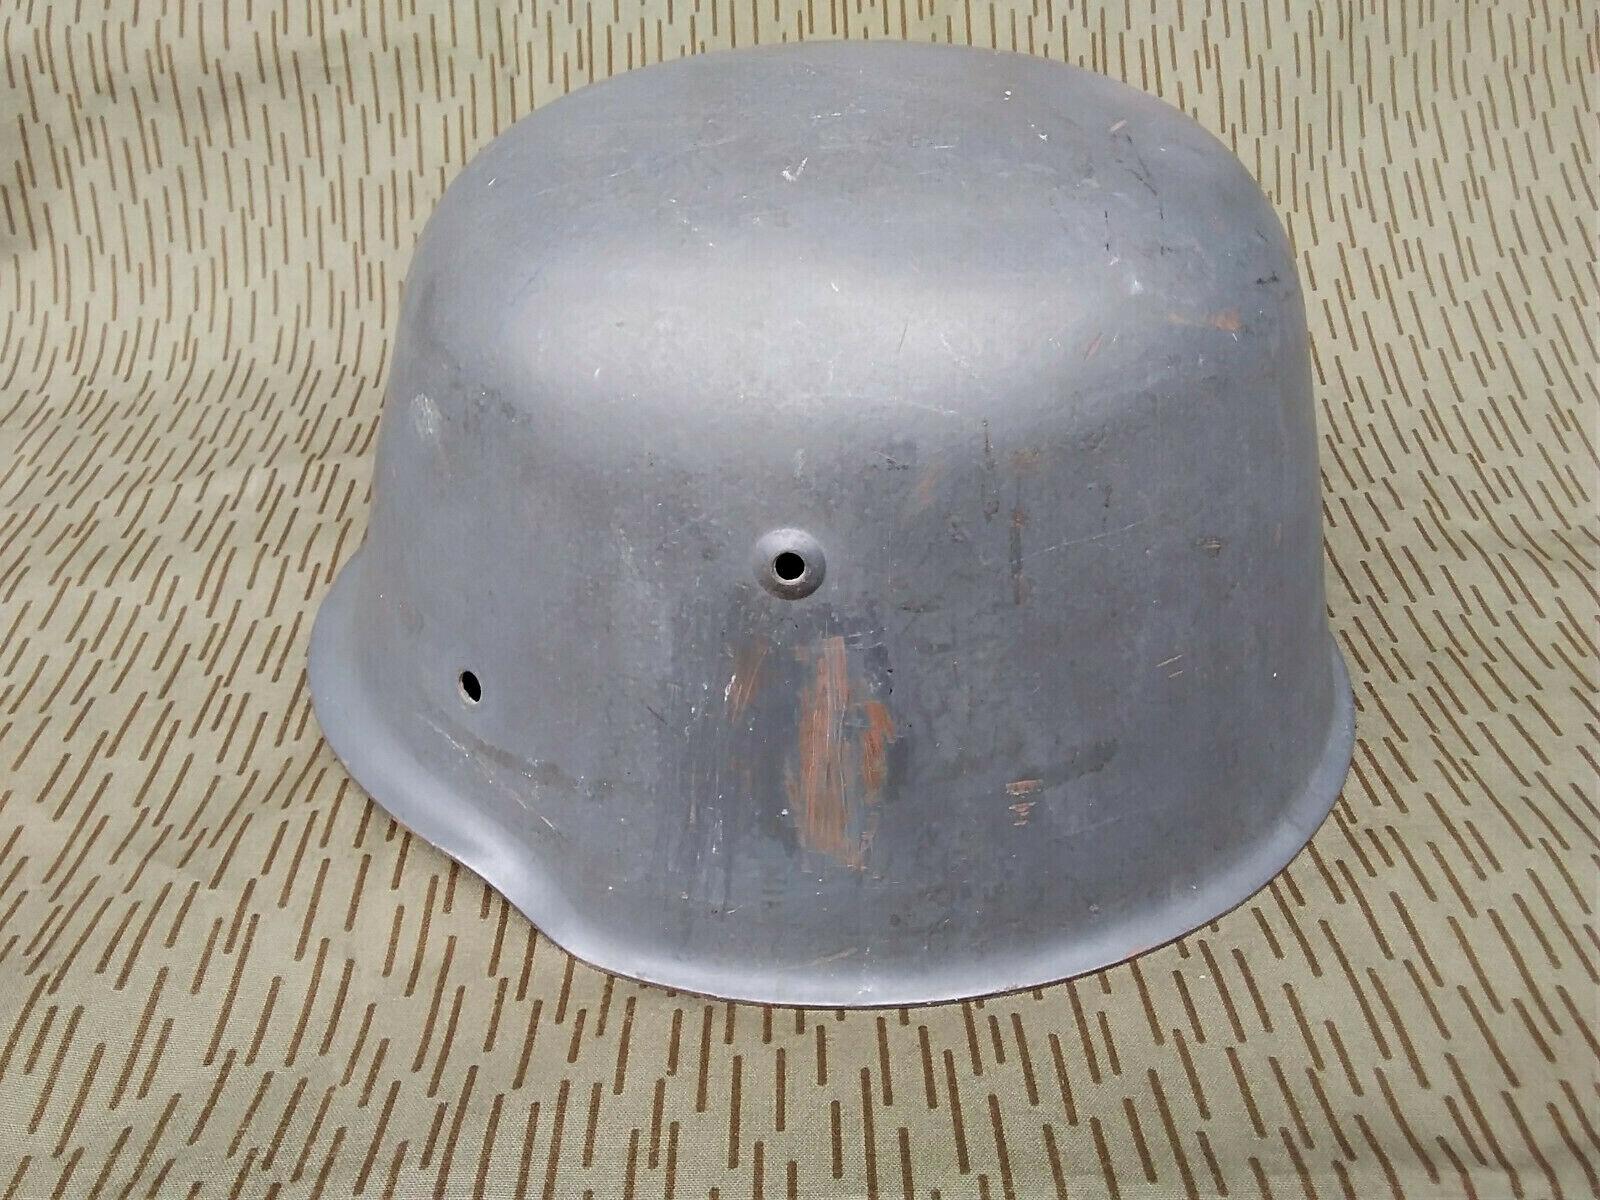 Bild 1 - DDR M54 Stahlhelm NVA KVP HELM Kessler Bombe Polizei VP